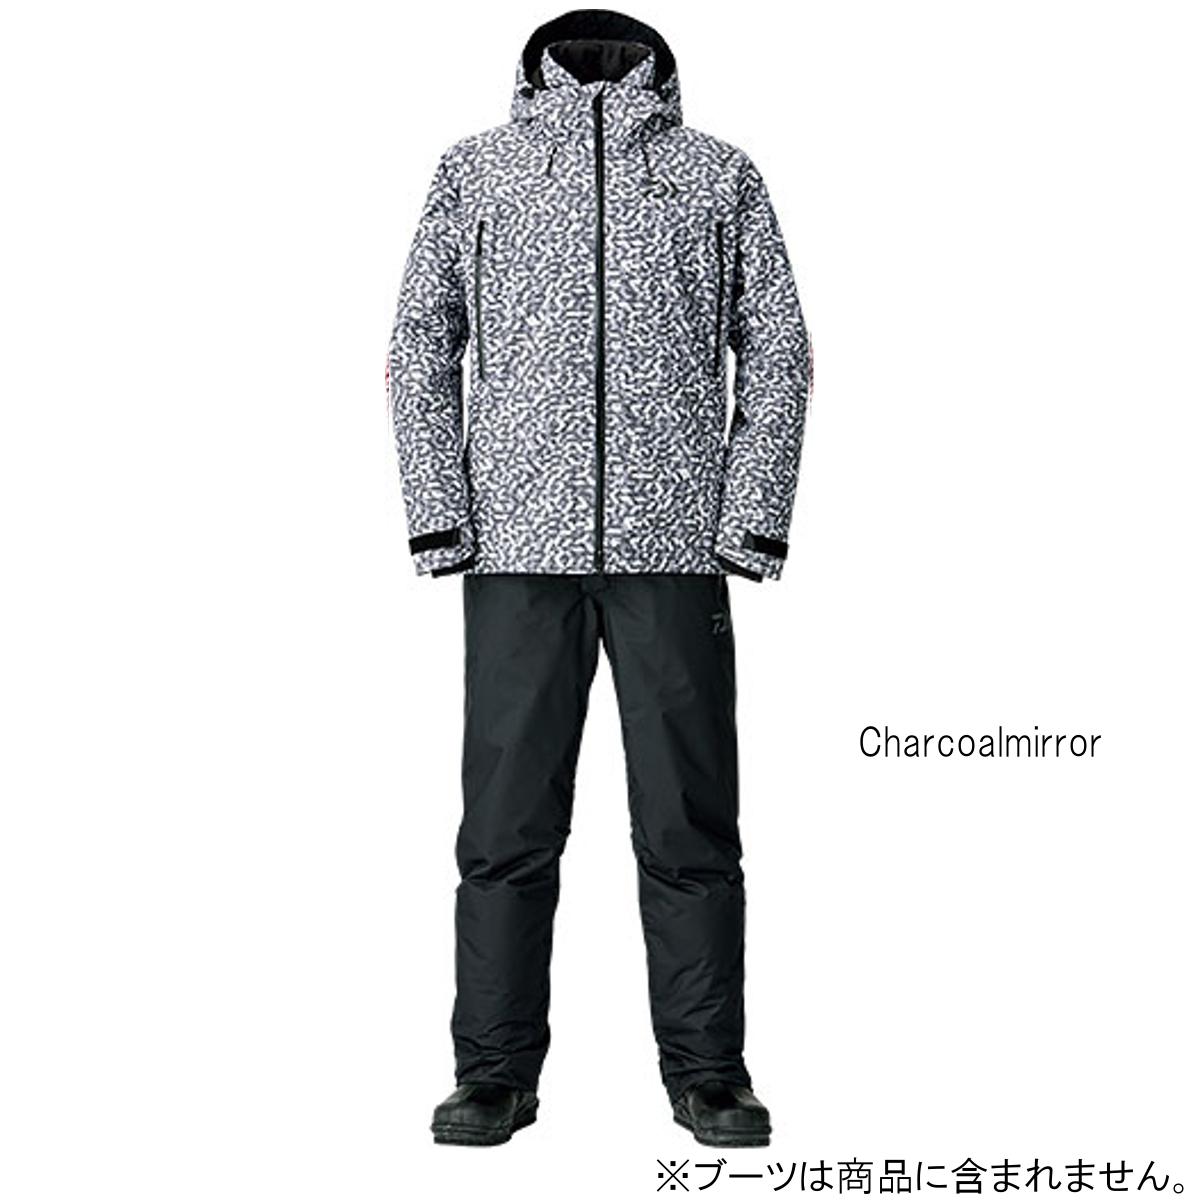 ダイワ レインマックス ウィンタースーツ DW-3108 L Charcoalmirror【送料無料】